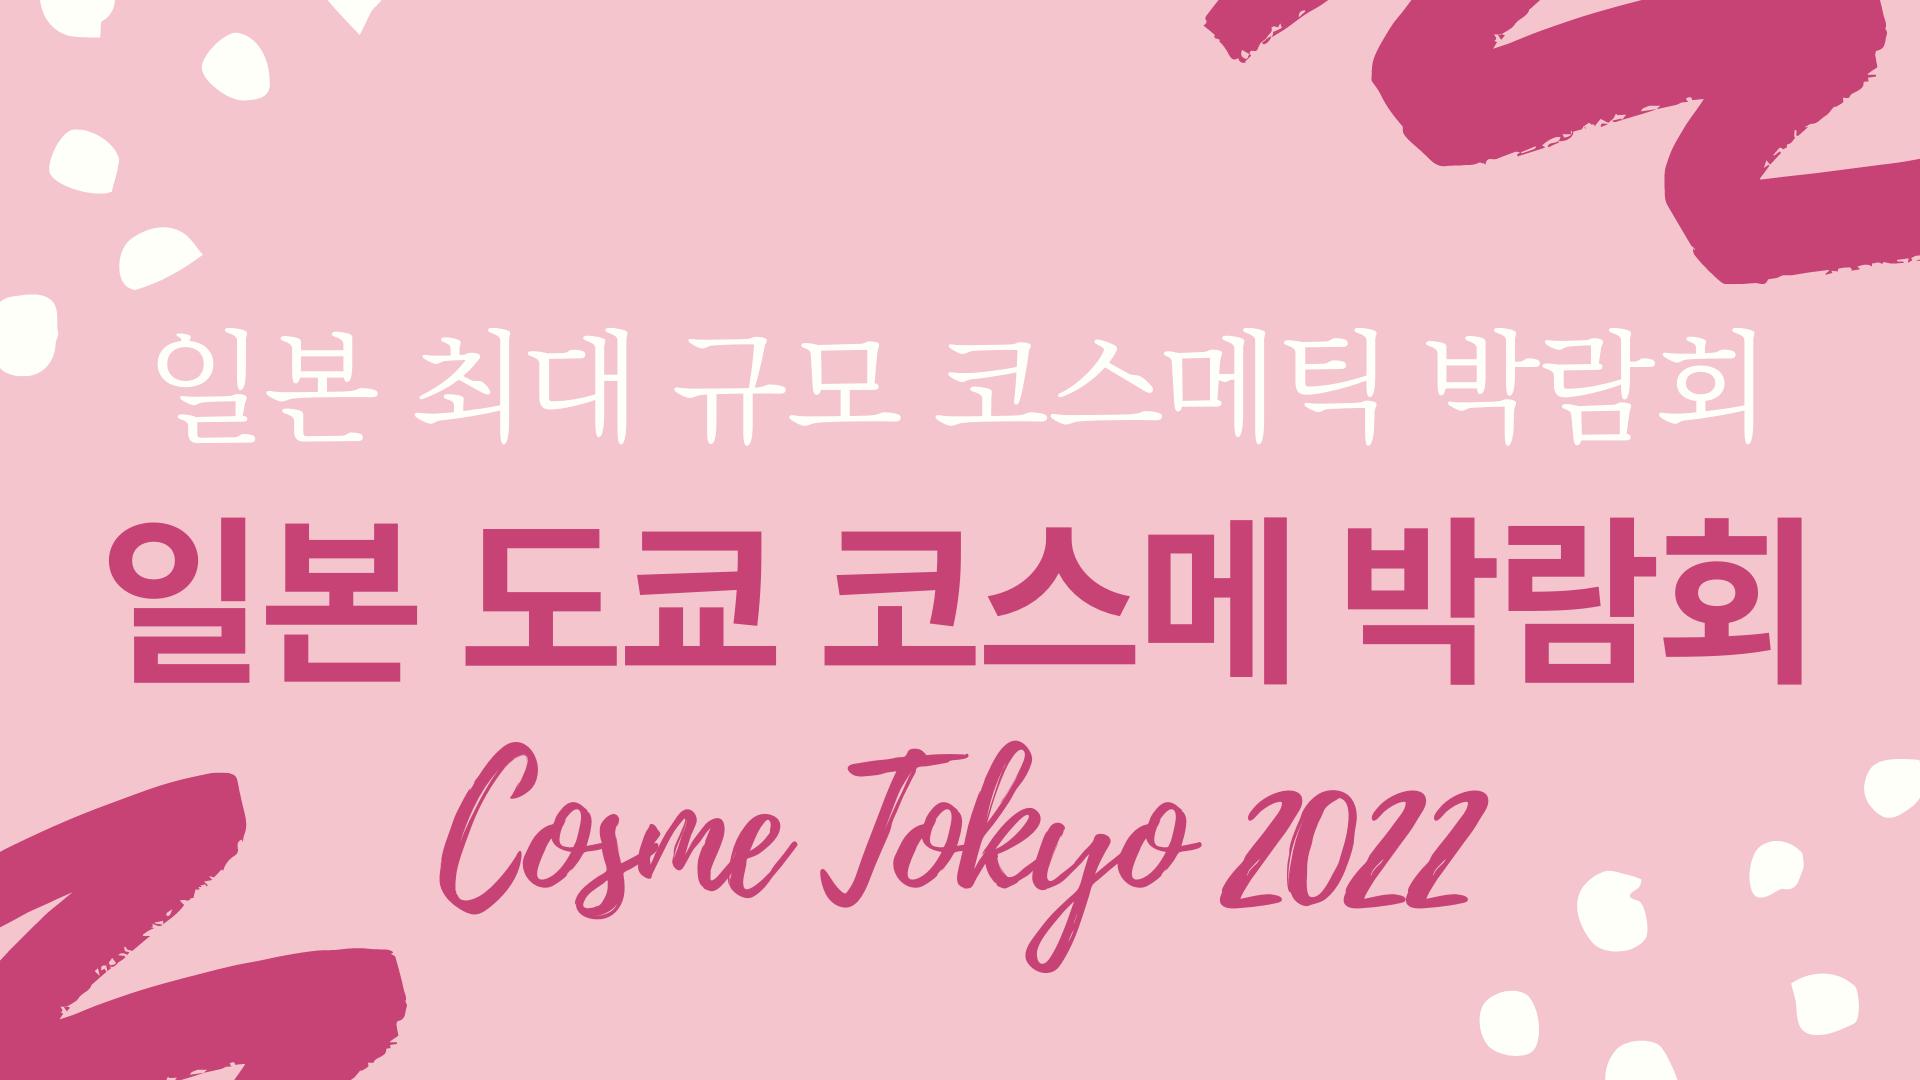 일본 최대 규모 뷰티 박람회, 2022 일본 도쿄 코스메 박람회